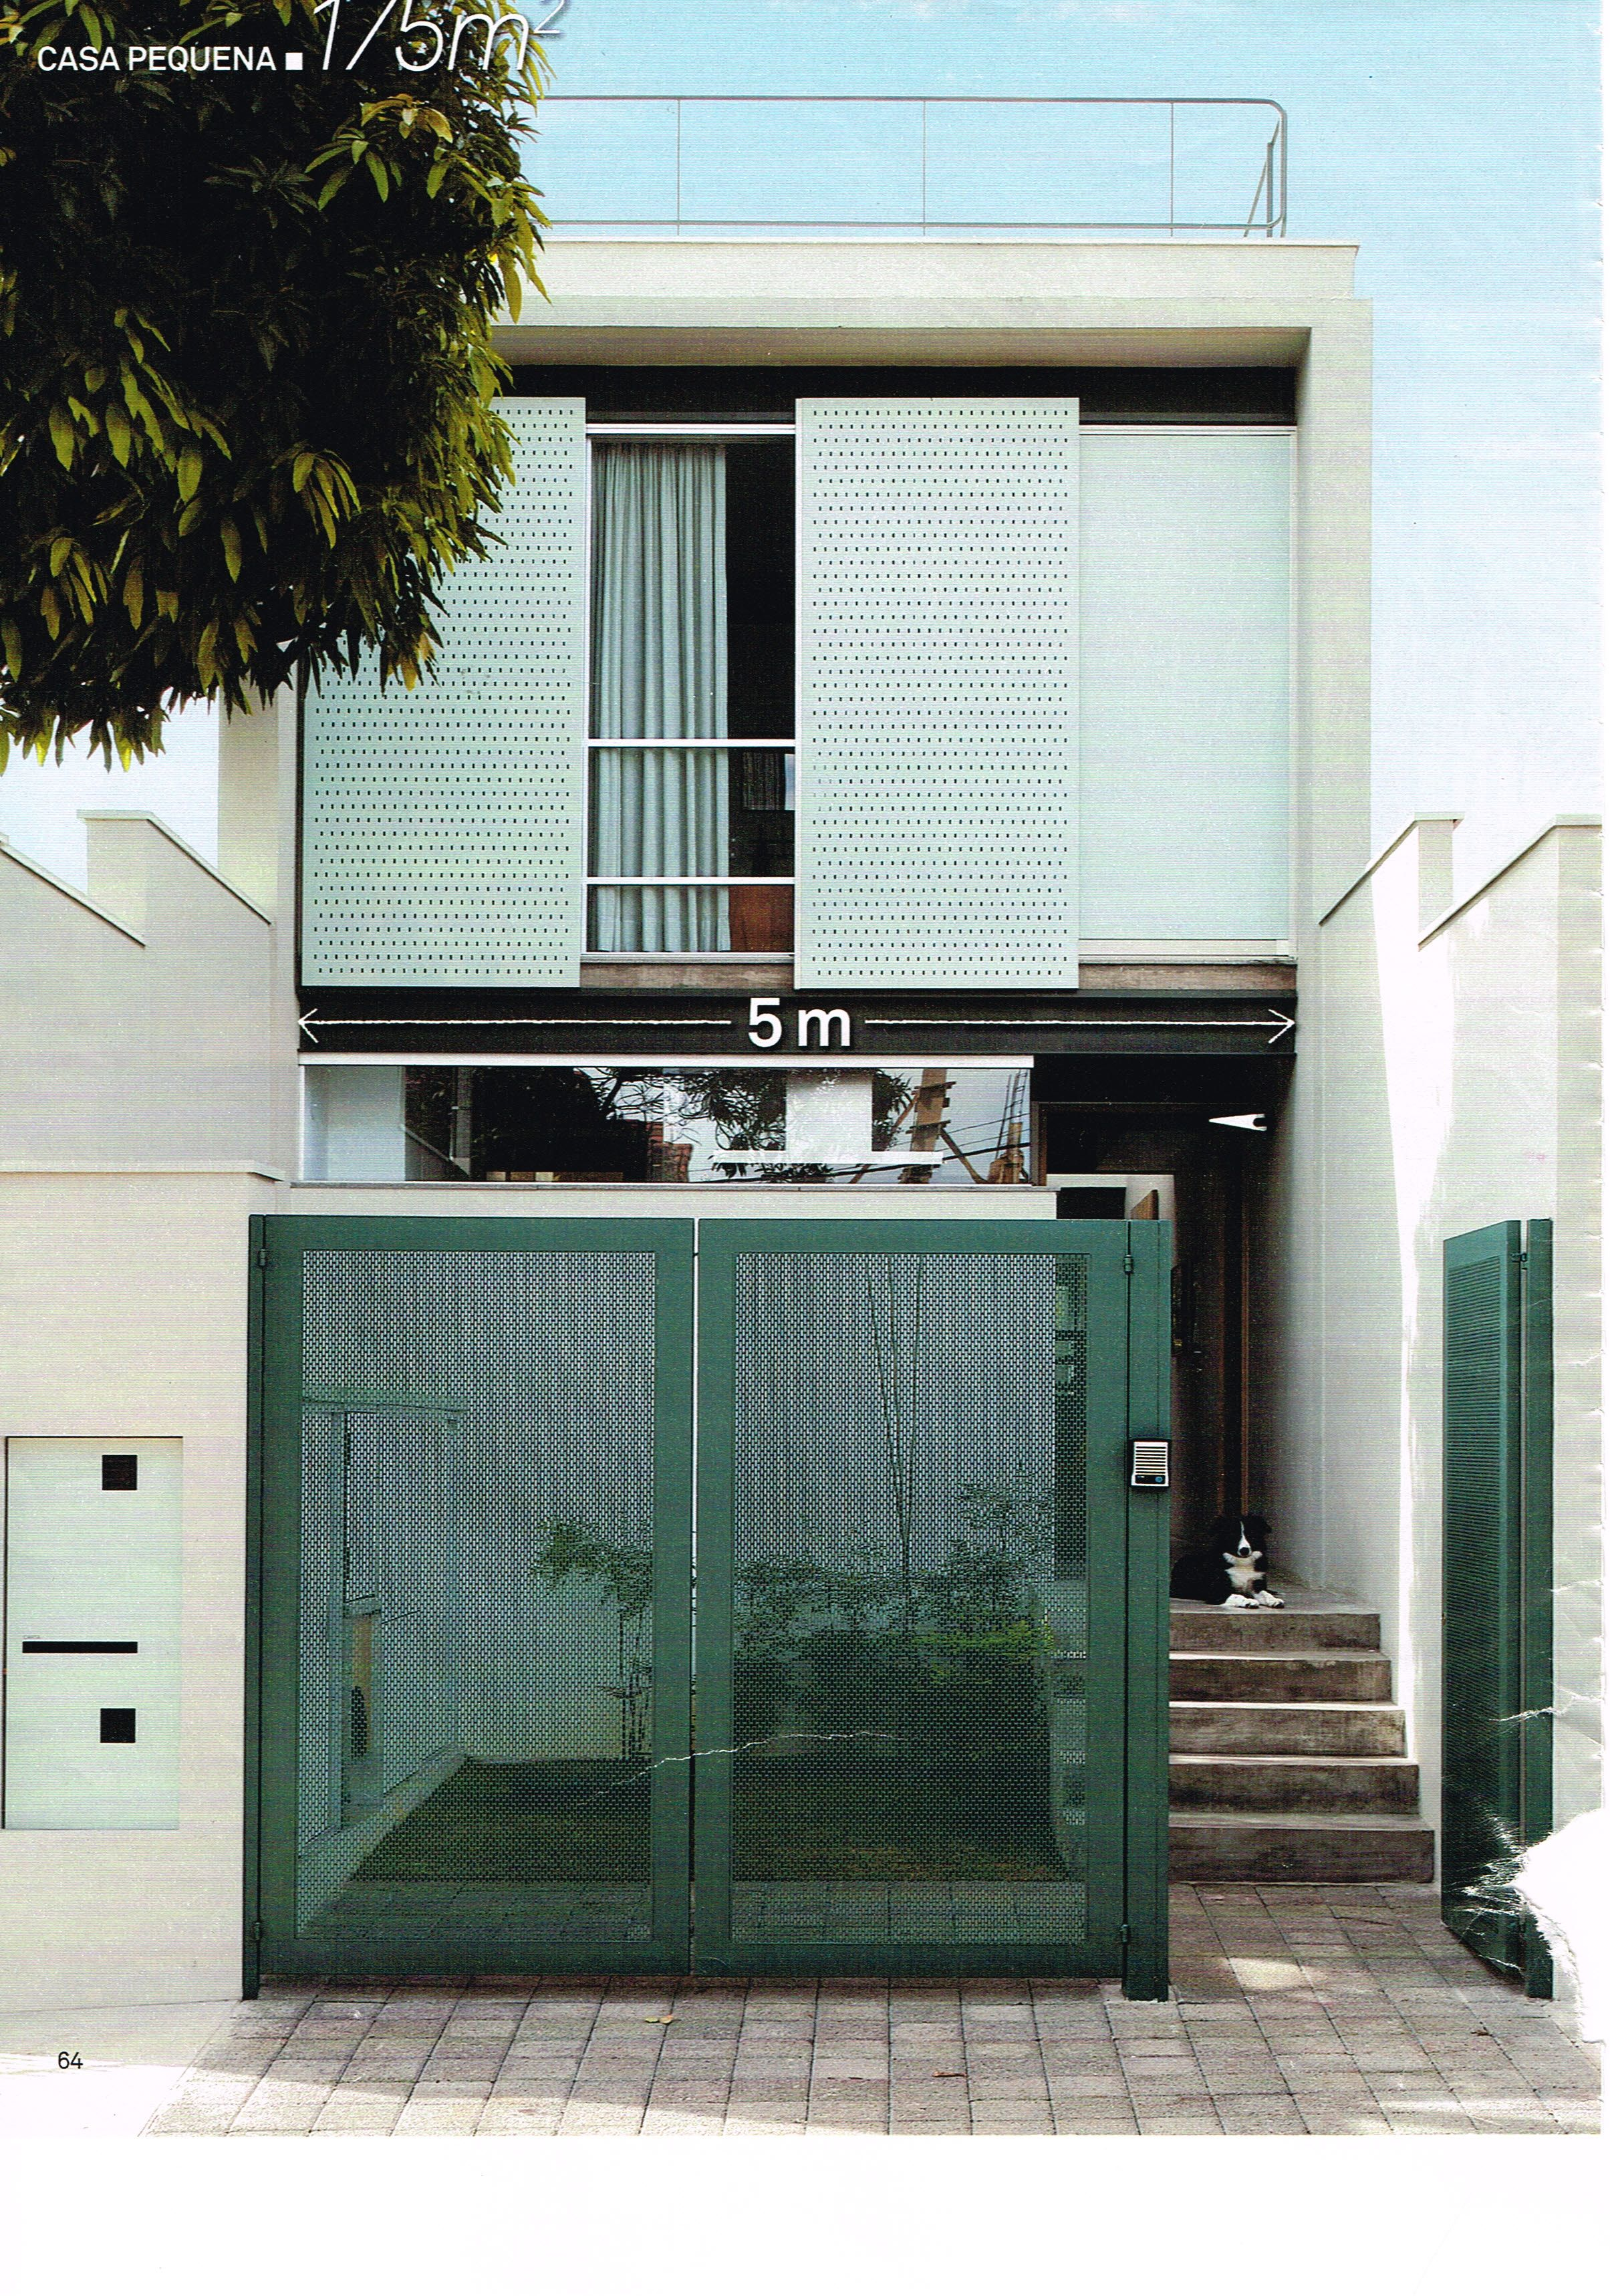 Sobrado estreito port o esquadria de correr fachadas for Arquitectura moderna casas pequenas